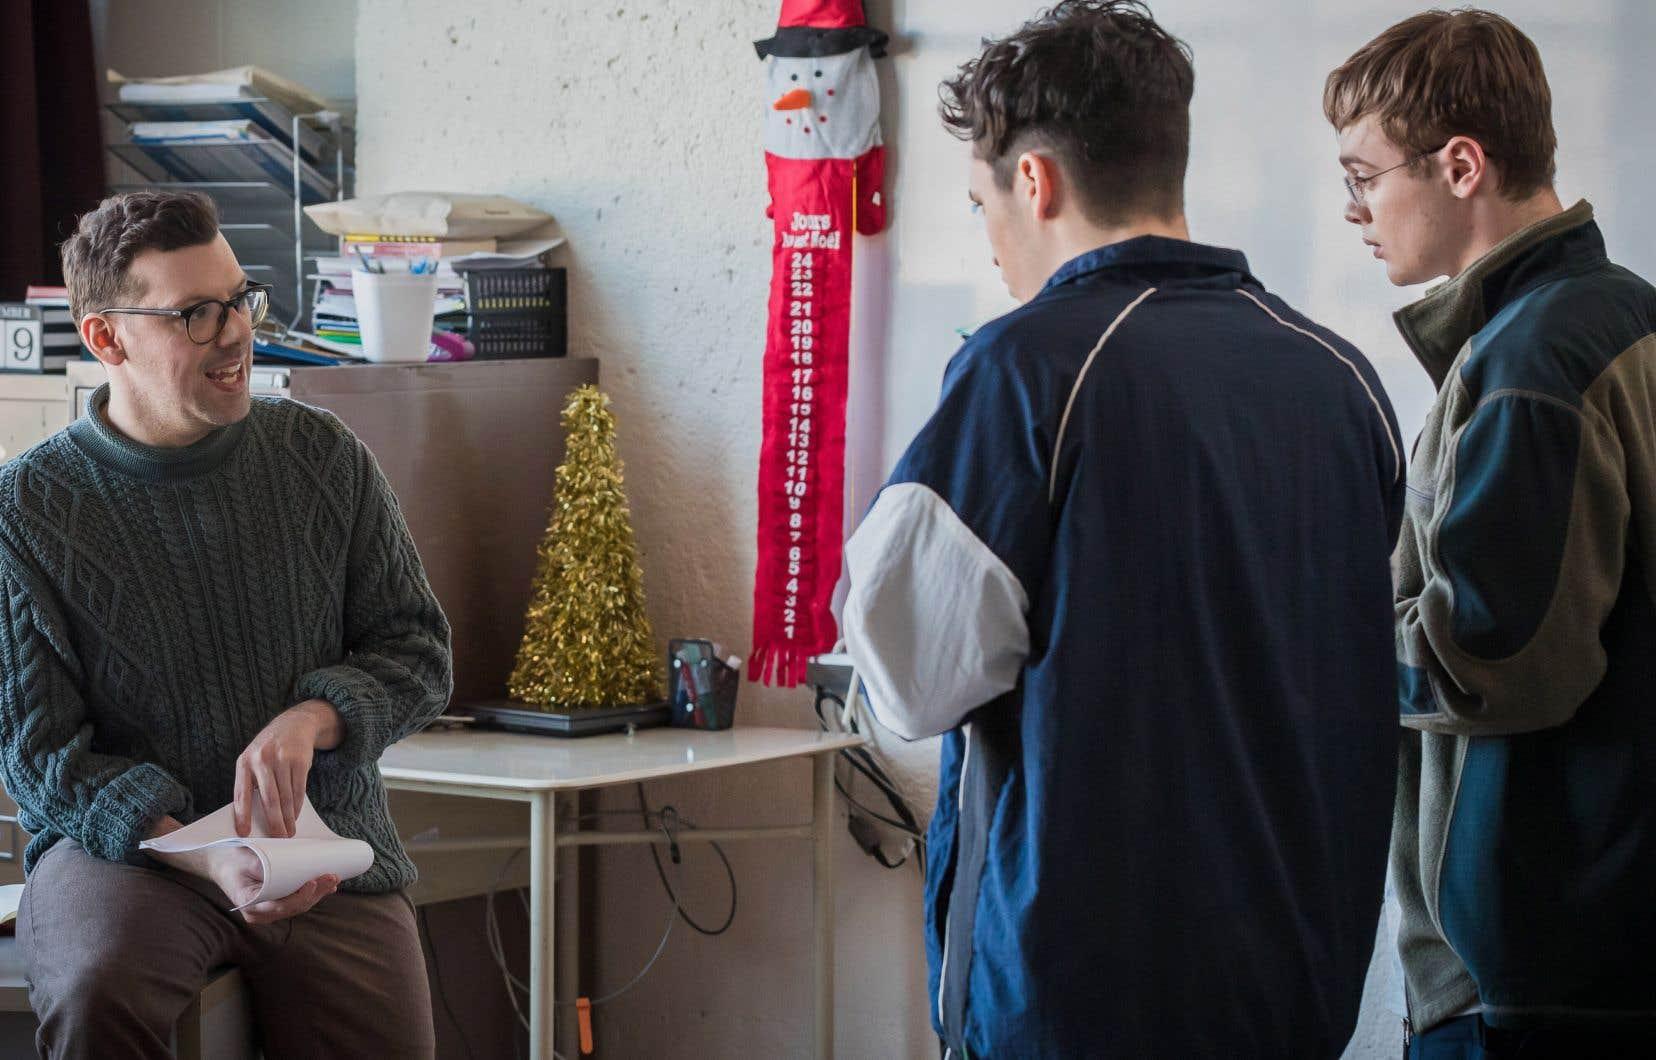 «Mon personnage est un hommage à Serge Boucher, qui a été mon professeur de français en troisième et cinquième secondaires, qui m'a propulsé. Il y a même plusieurs répliques qui sont des phrases qu'il m'a dites», révèle l'auteur Simon Boulerice (à gauche), qui s'est écrit plus de scènes dans la saison 2 de cette série.